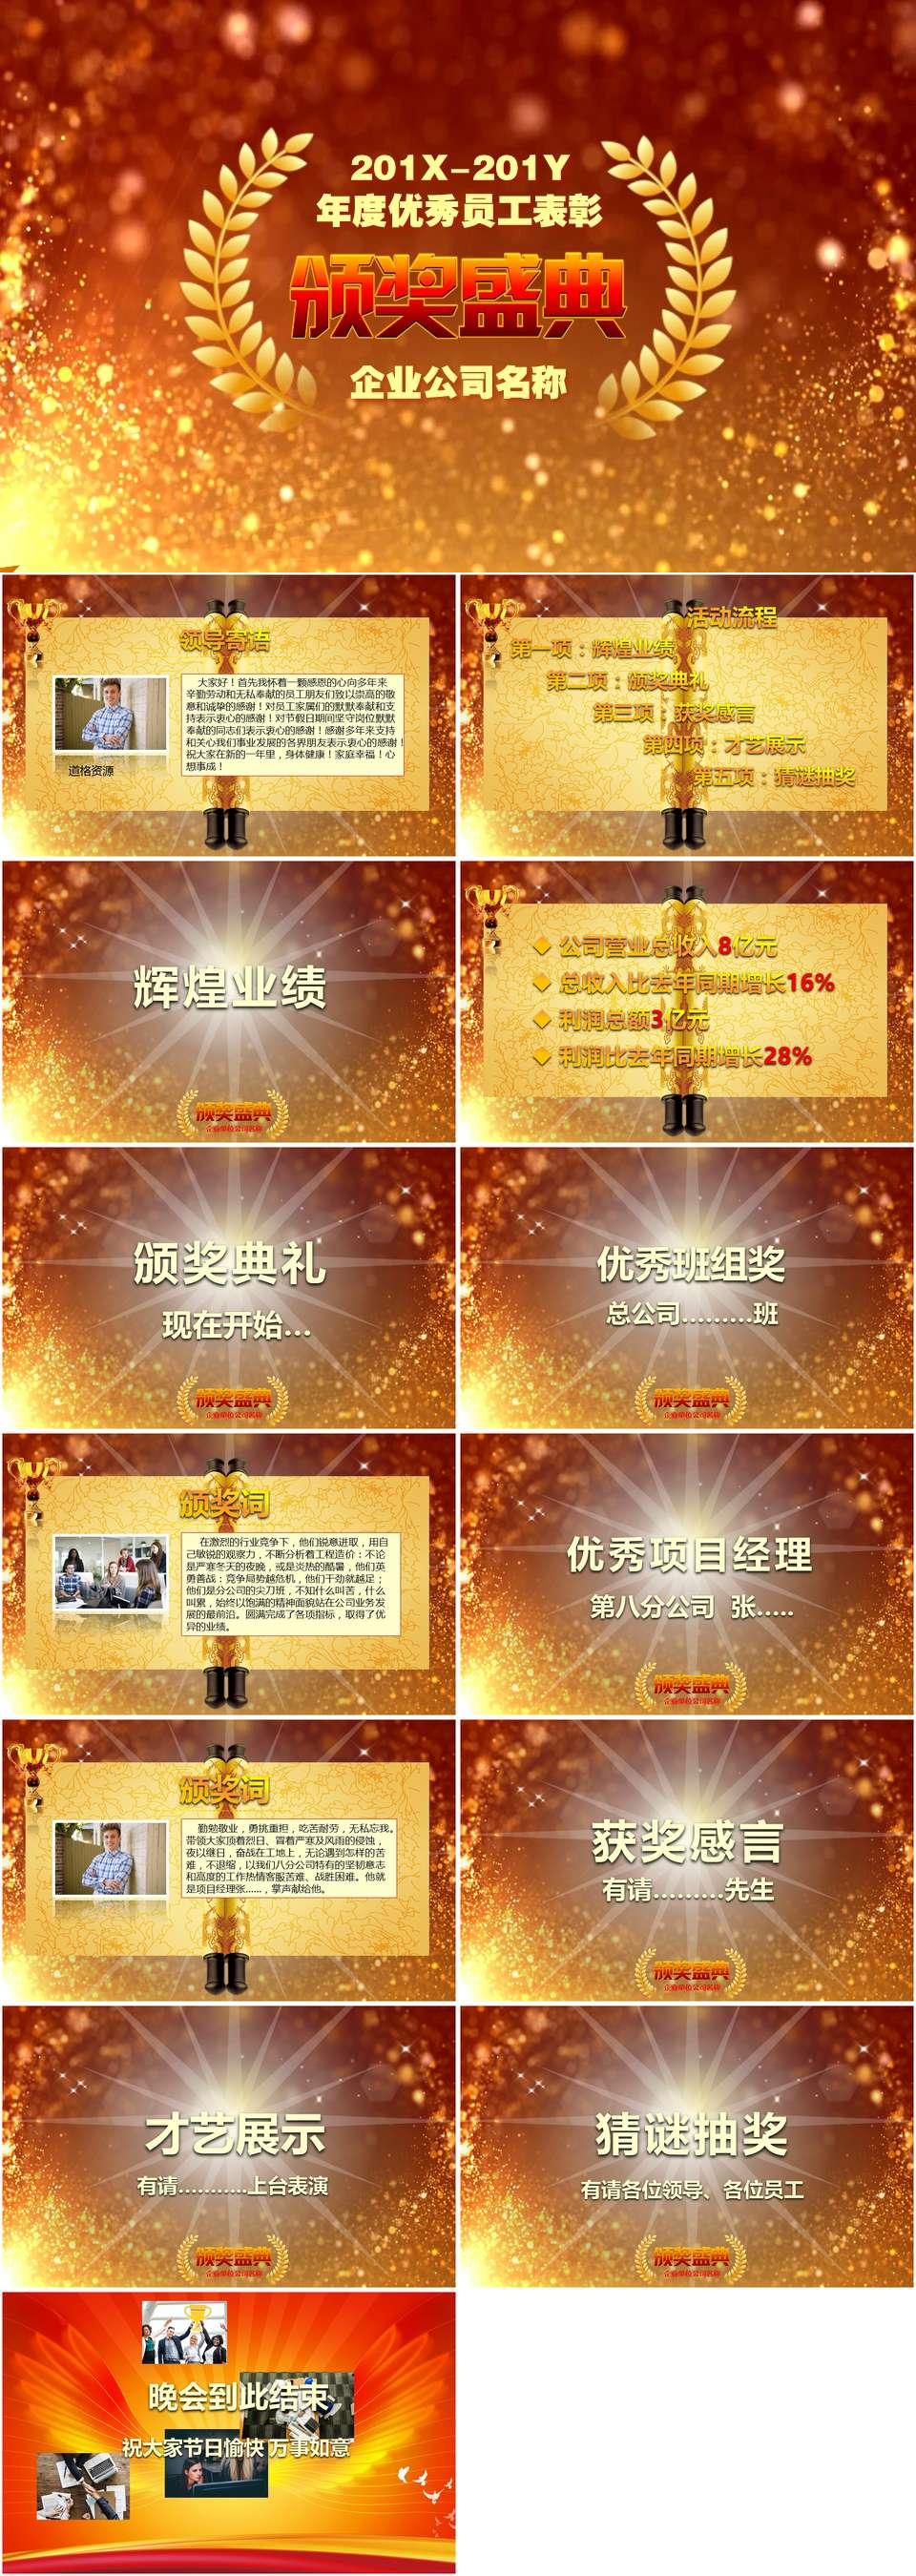 颁奖晚会表彰奖励麦穗金色粒子PPT模板插图1